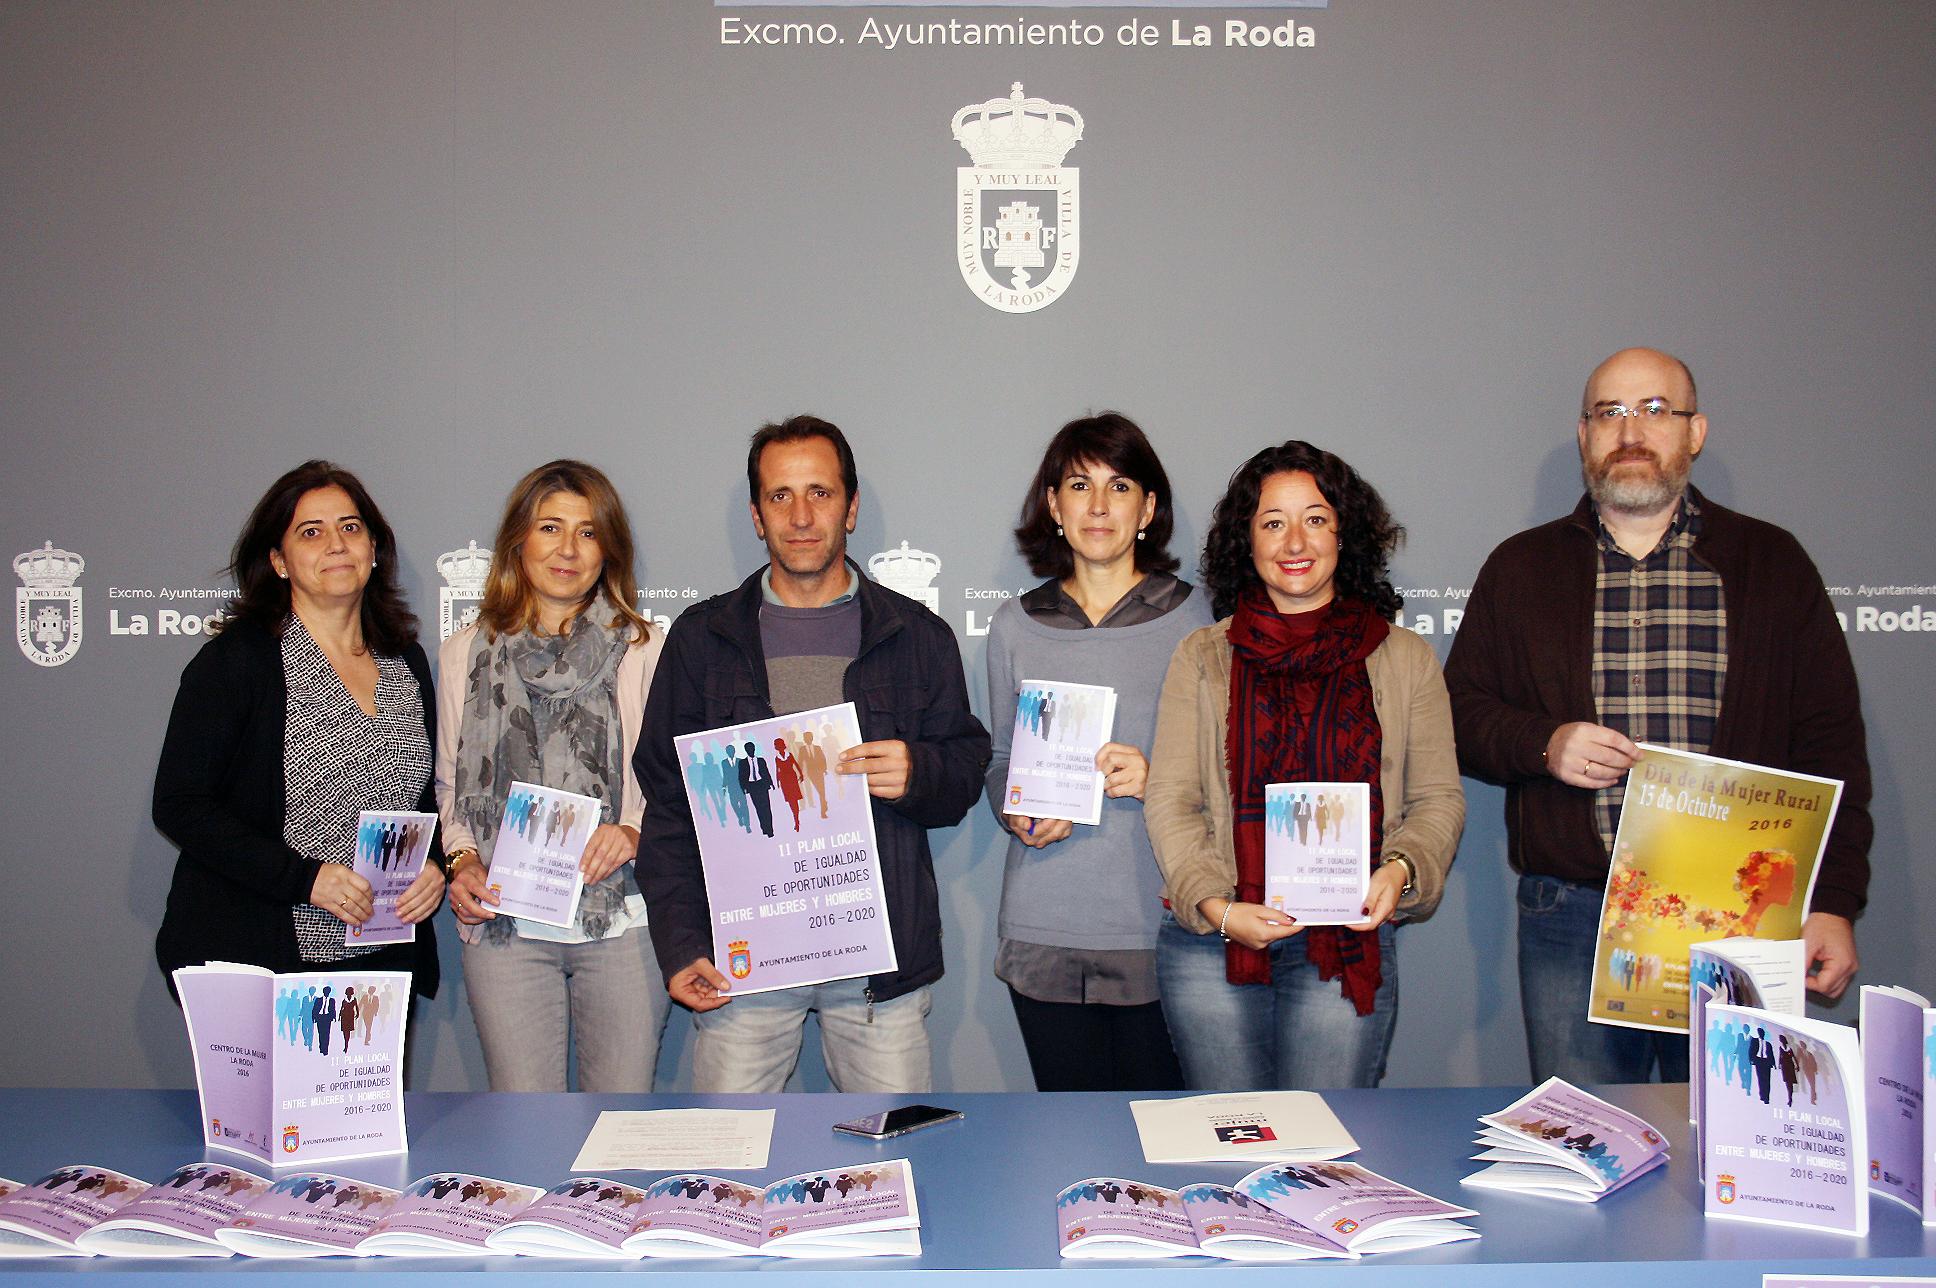 El Ayuntamiento Presenta El II Plan De Igualdad De Oportunidades Entre Mujeres Y Hombres